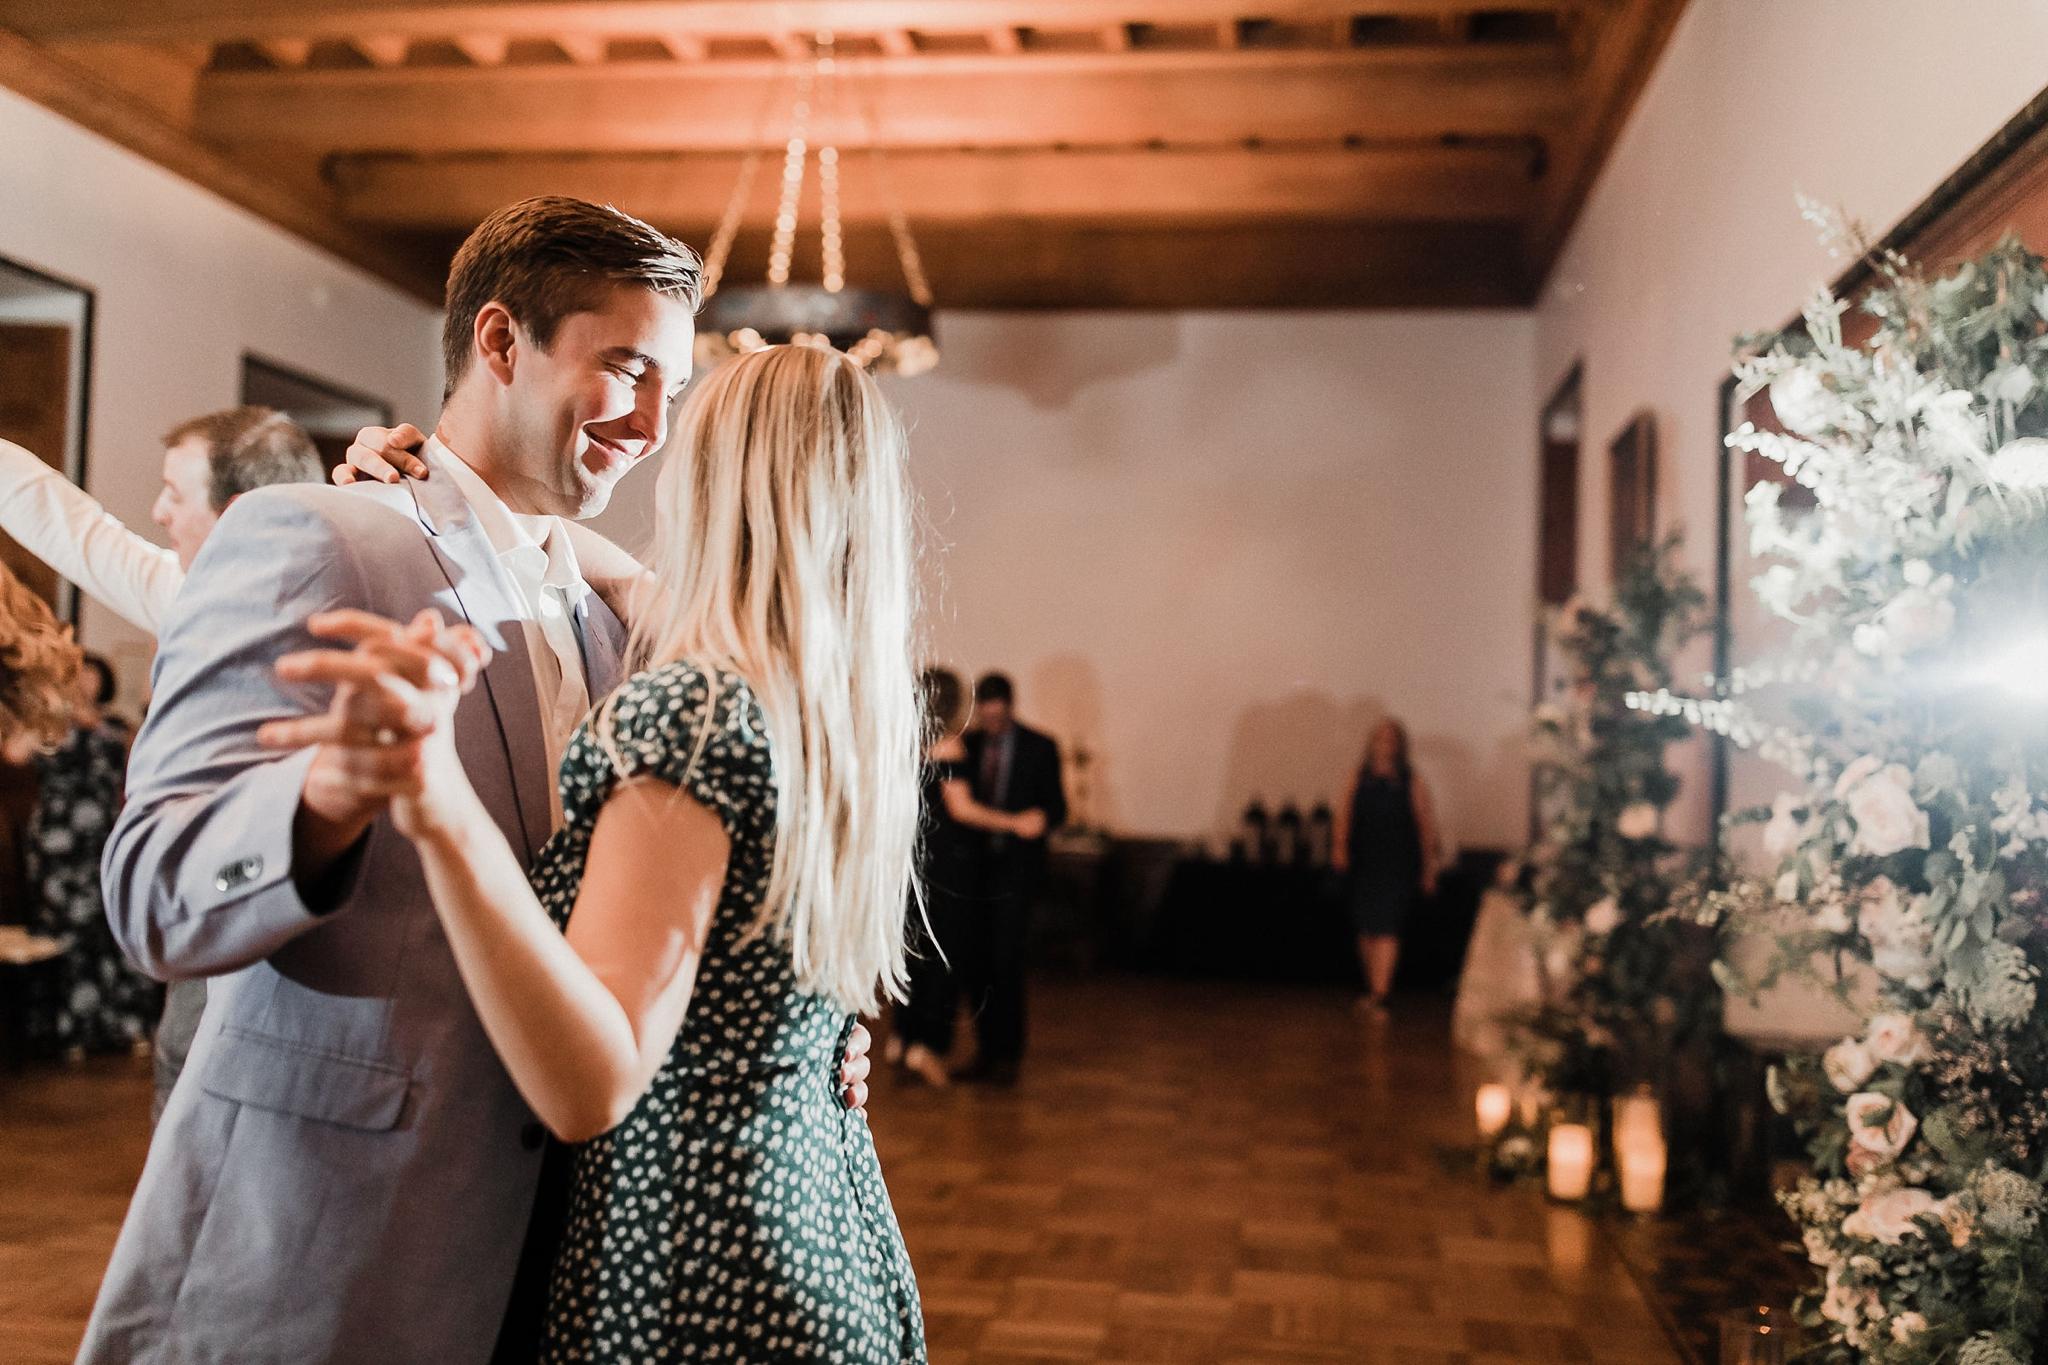 Alicia+lucia+photography+-+albuquerque+wedding+photographer+-+santa+fe+wedding+photography+-+new+mexico+wedding+photographer+-+new+mexico+wedding+-+summer+wedding+-+los+poblanos+wedding+-+albuquerque+wedding_0112.jpg